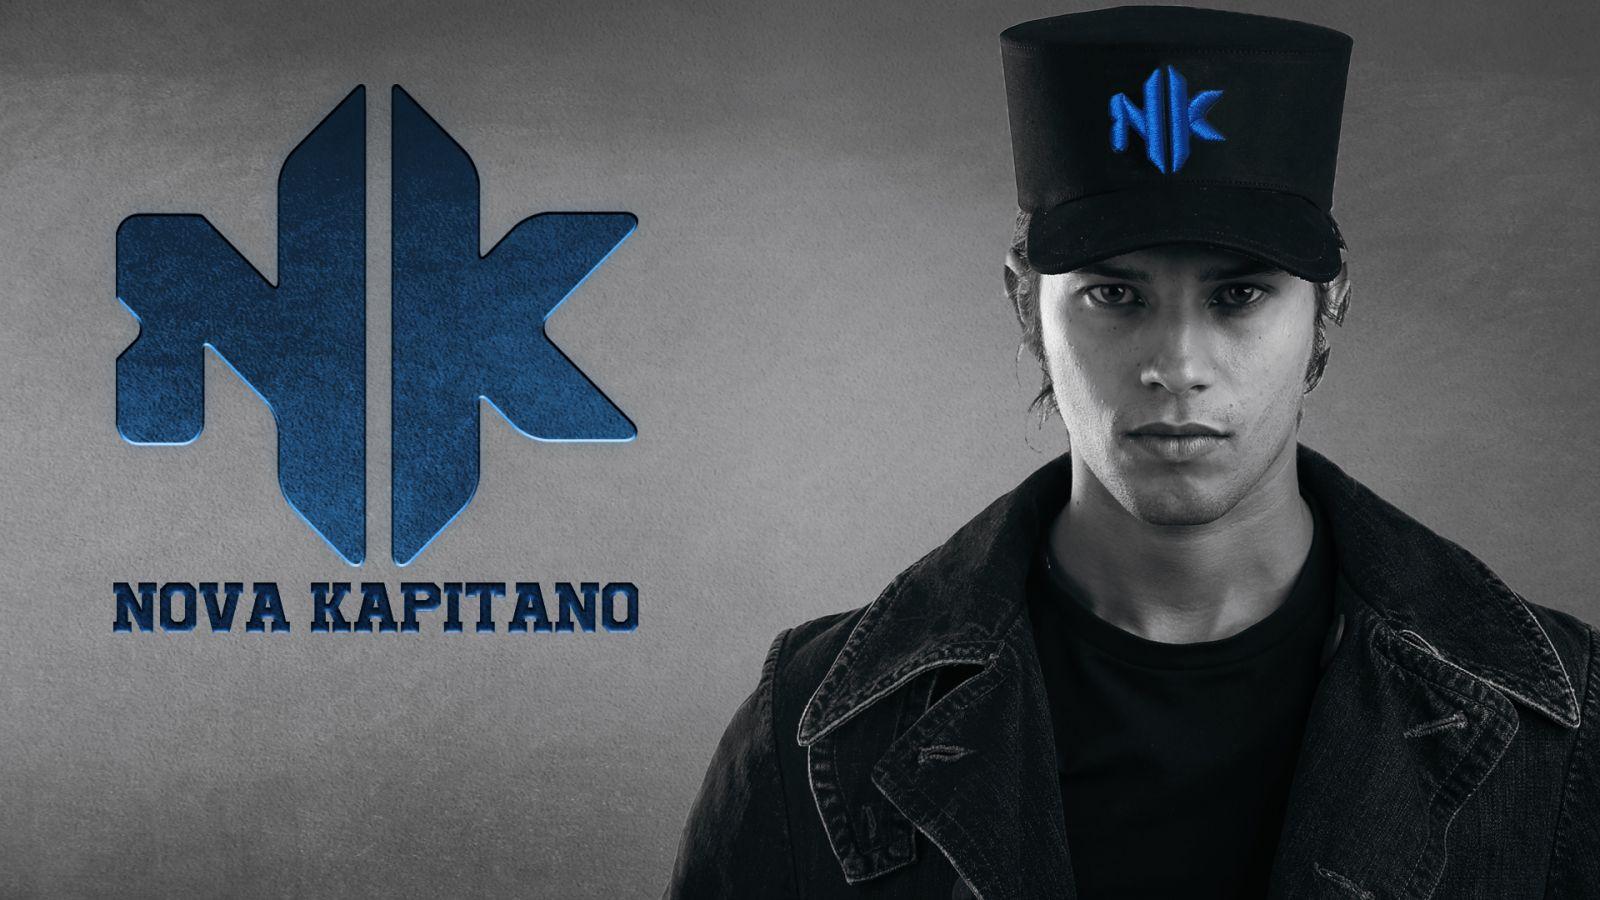 nova kapitano